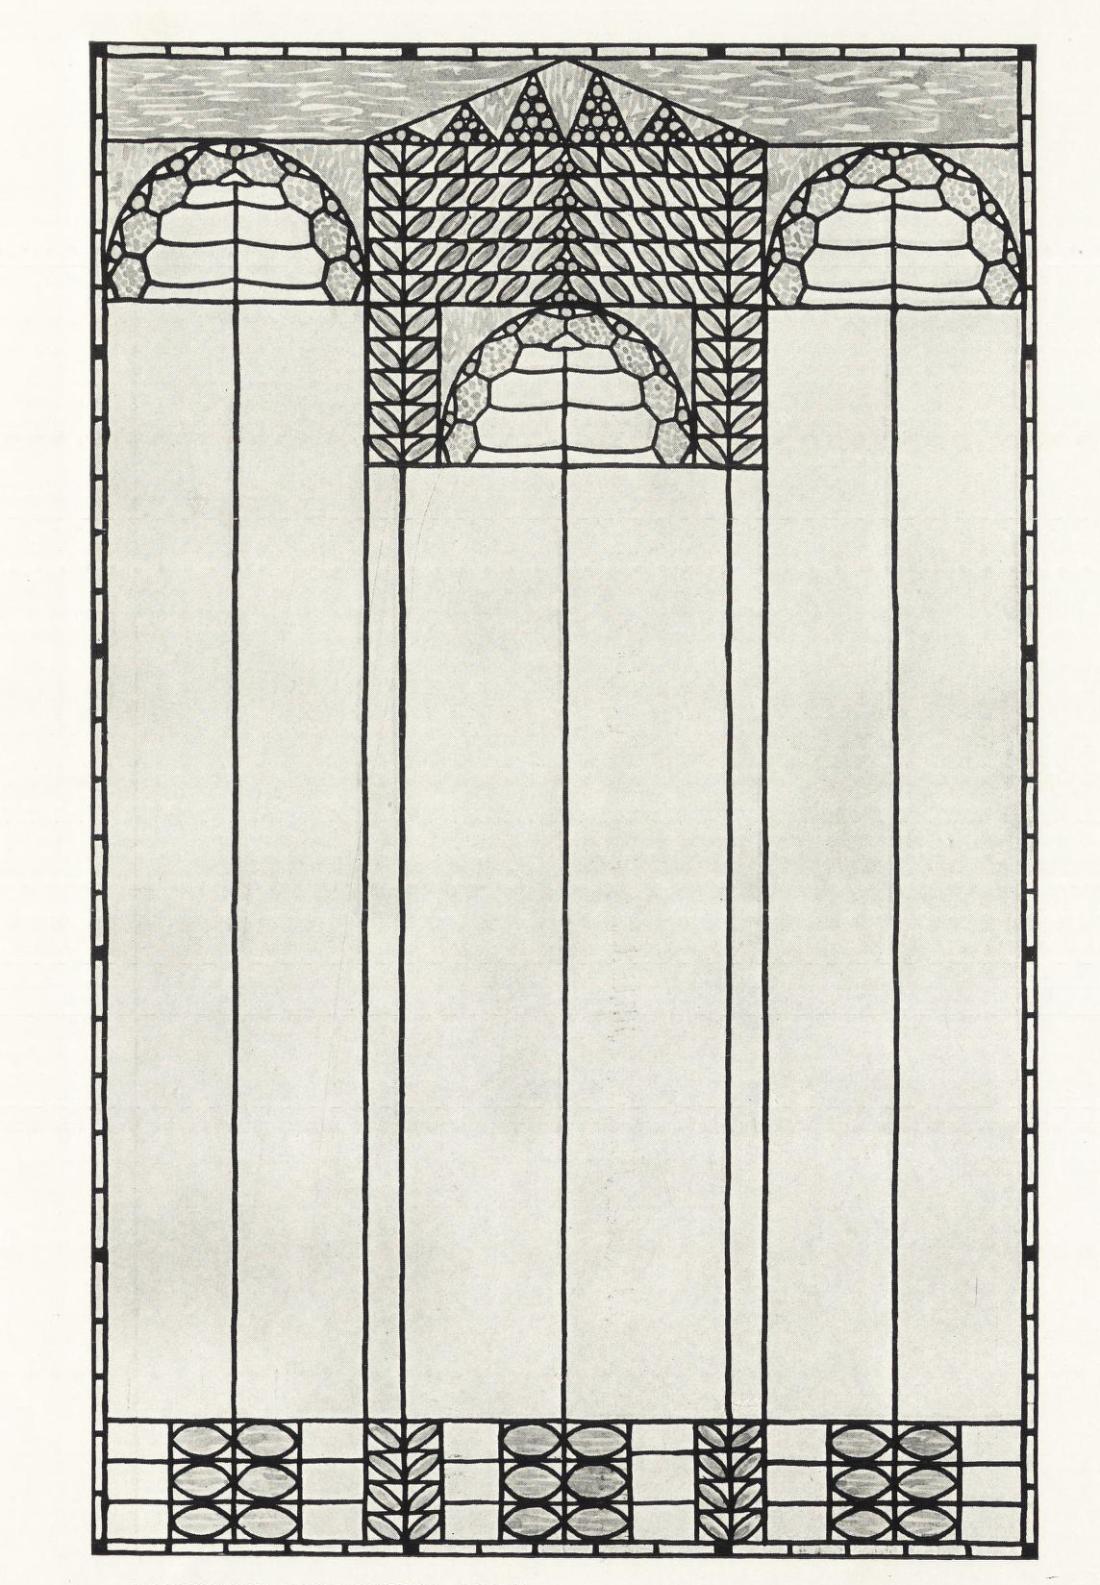 Design for an art glass window. 1890's.